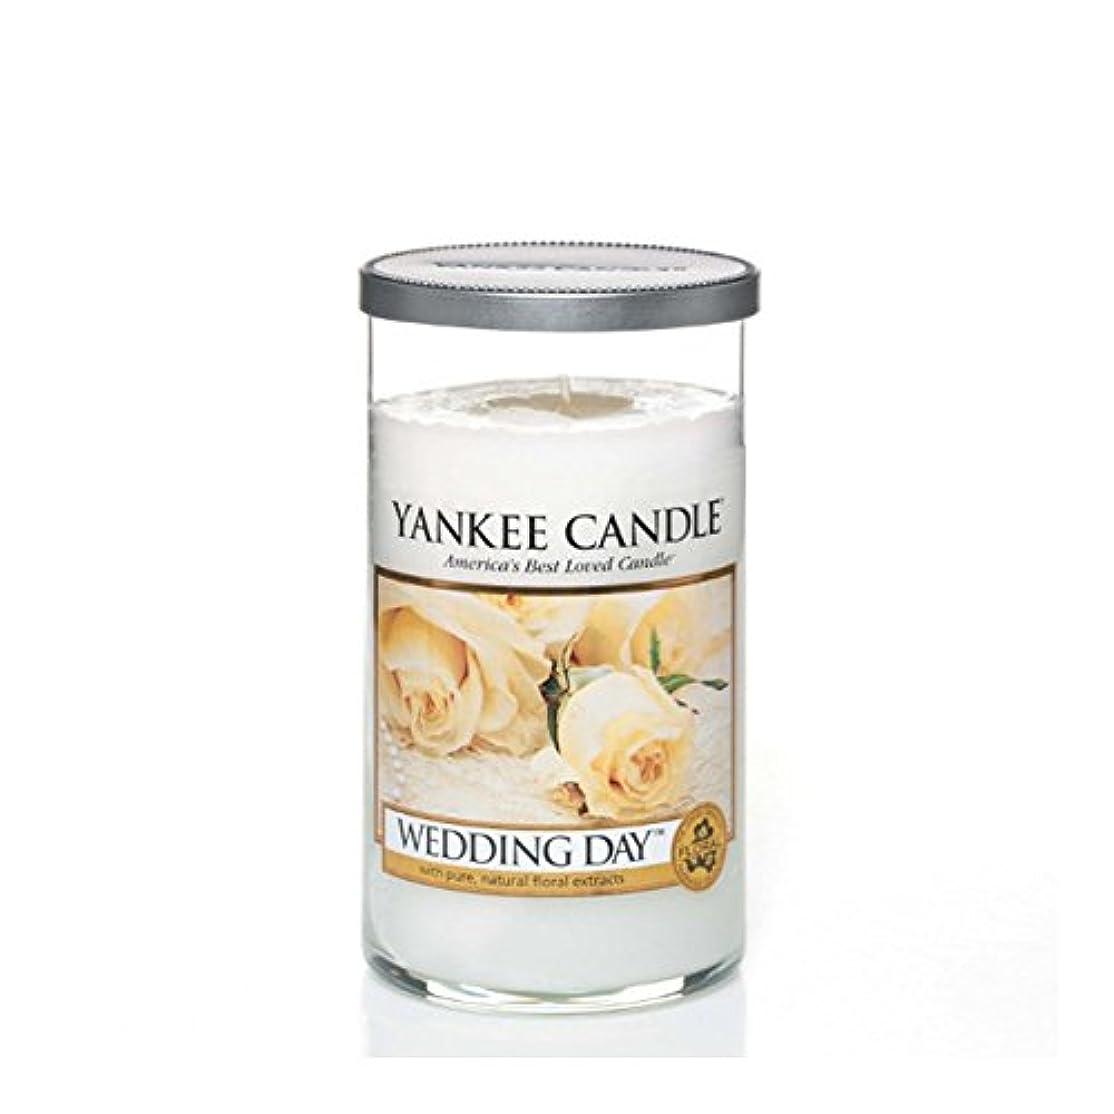 流出夕方ビルダーヤンキーキャンドルメディアピラーキャンドル - 結婚式の日 - Yankee Candles Medium Pillar Candle - Wedding Day (Yankee Candles) [並行輸入品]